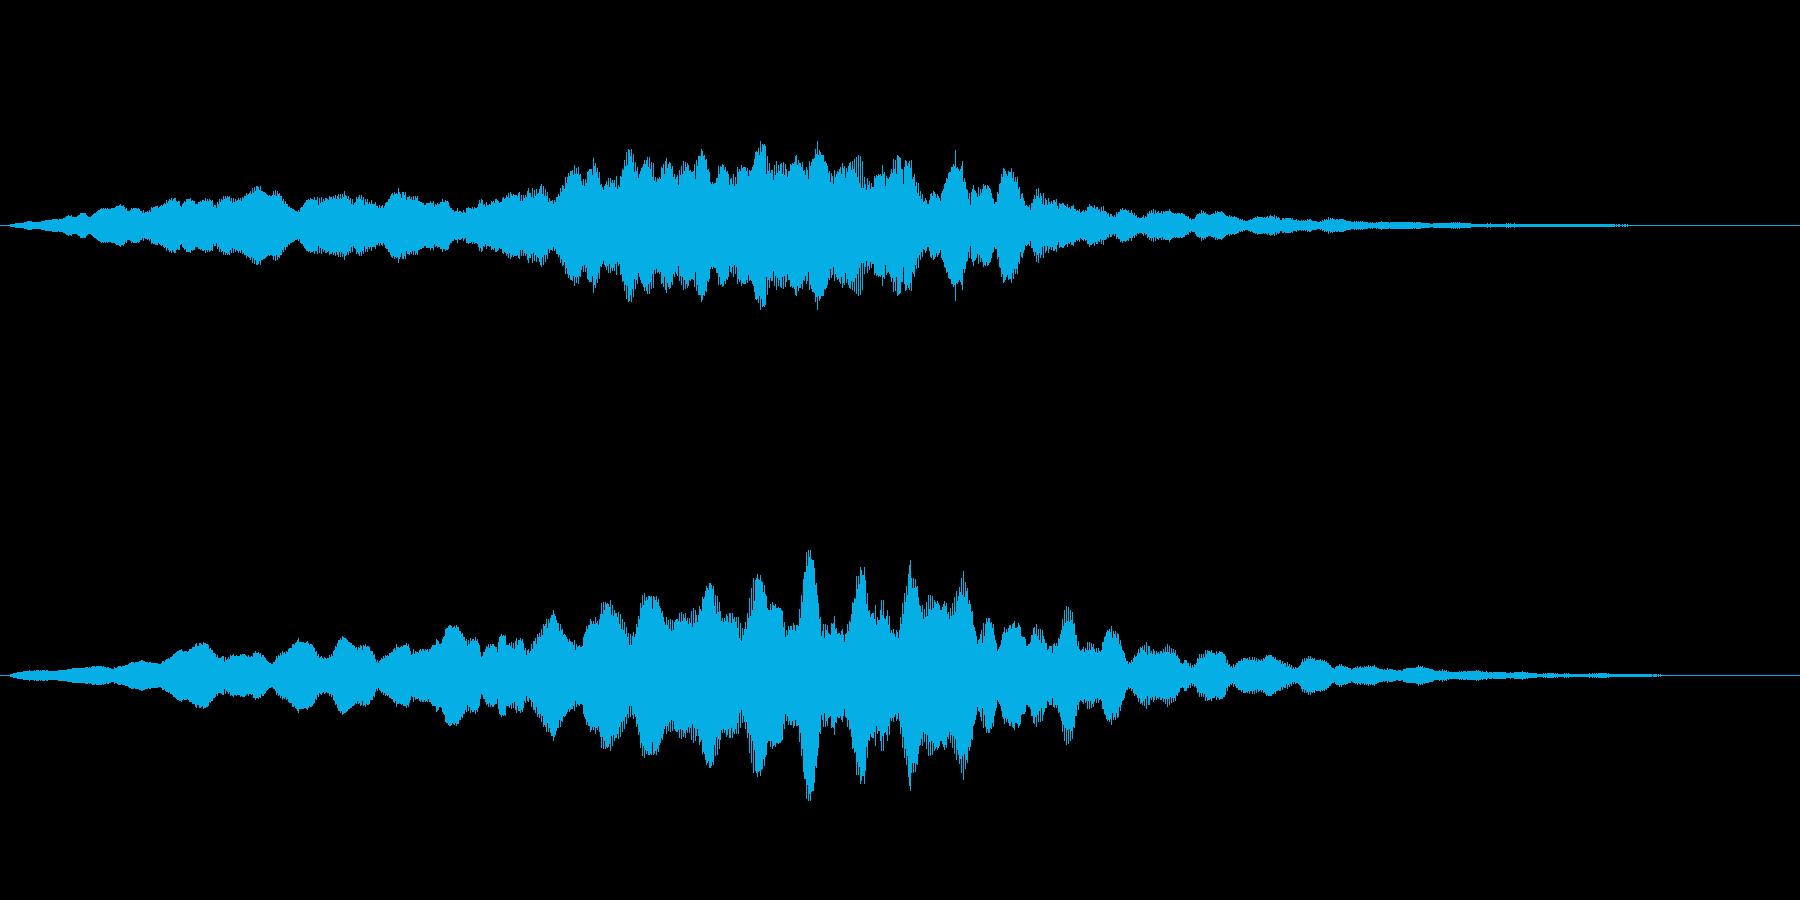 リラックスとしたバラードの再生済みの波形